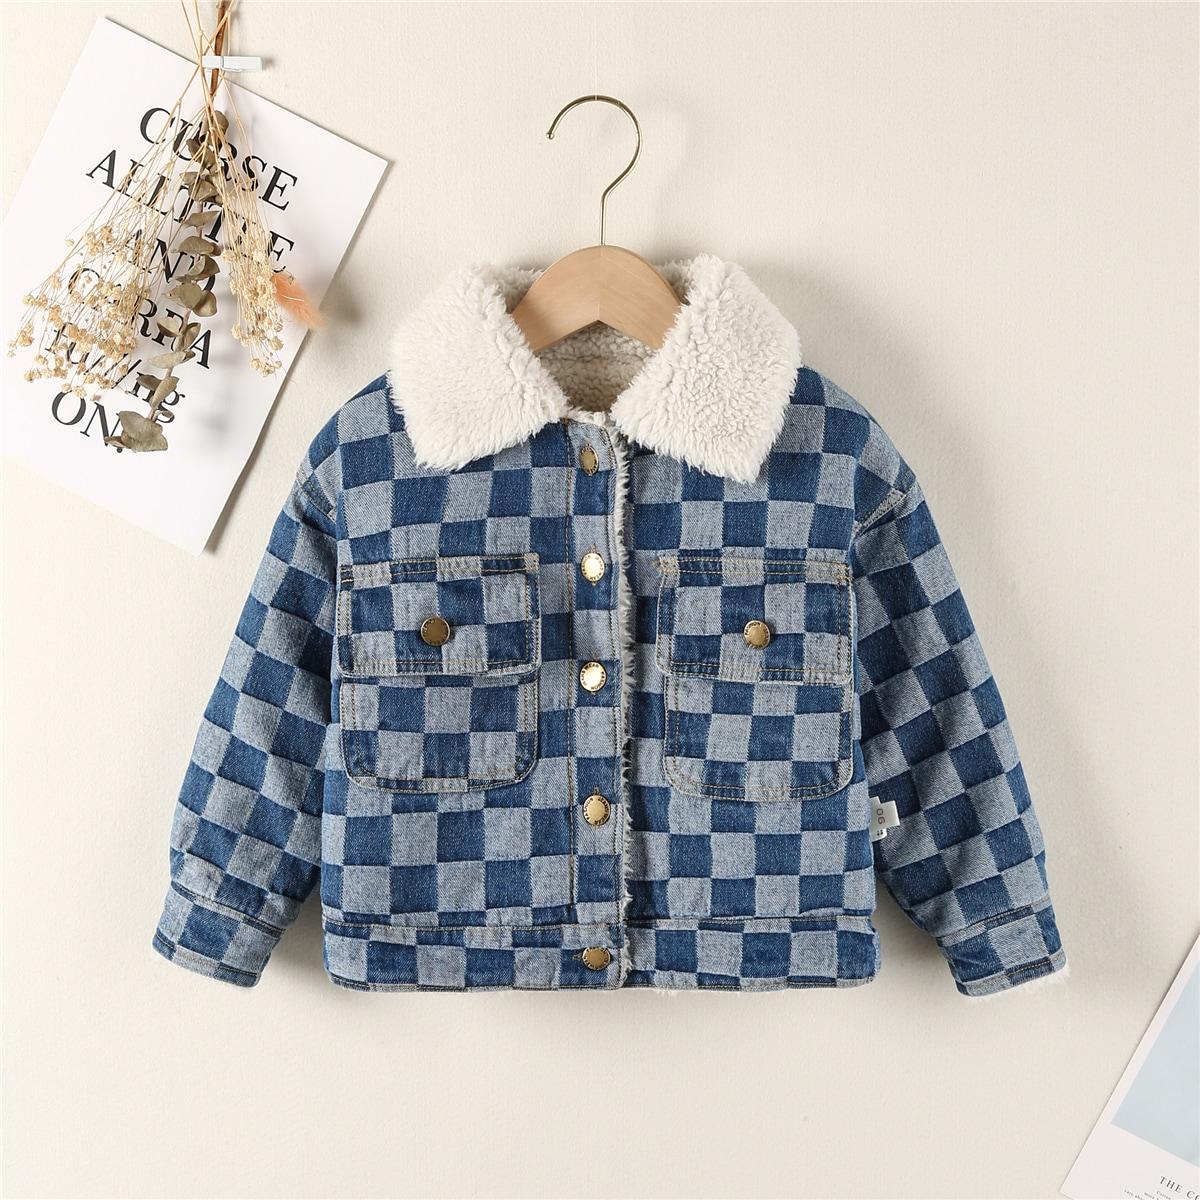 Джинсовая куртка с пуговицами и меховым воротником для маленьких девочек